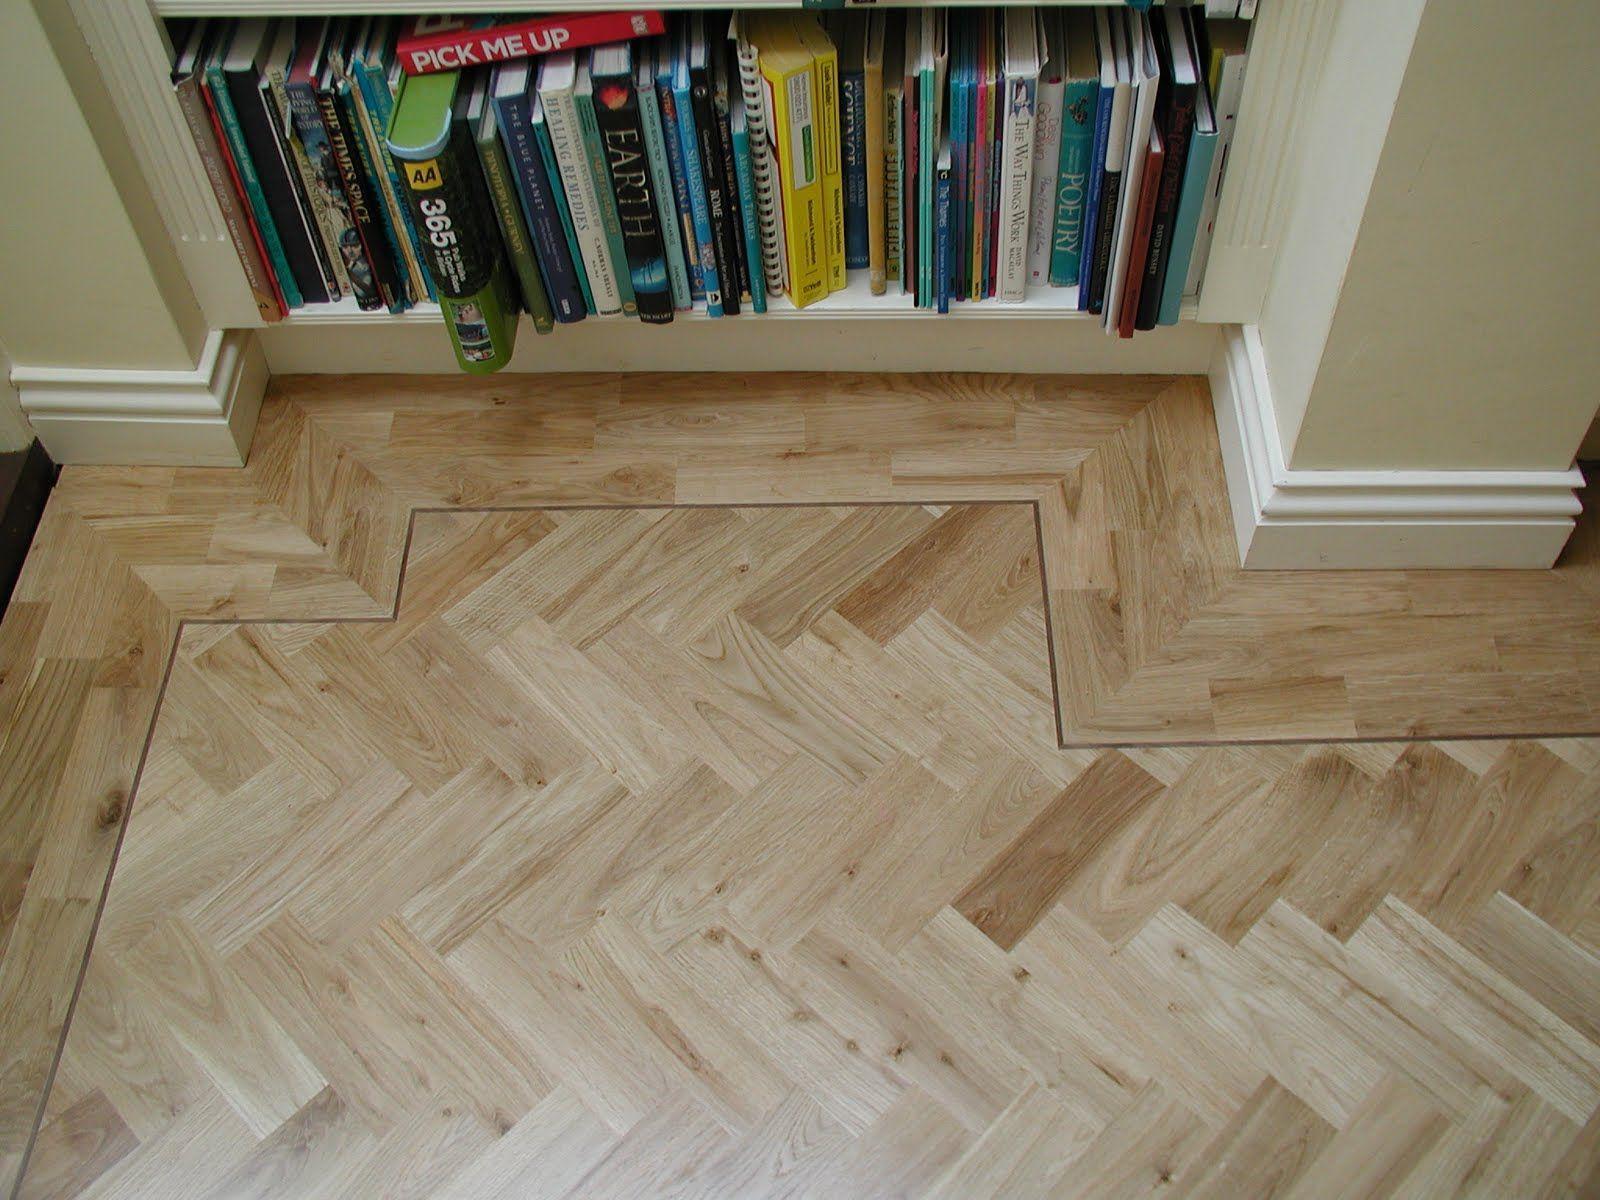 Herringbone Wood Flooring made by Prestige Wood Flooring